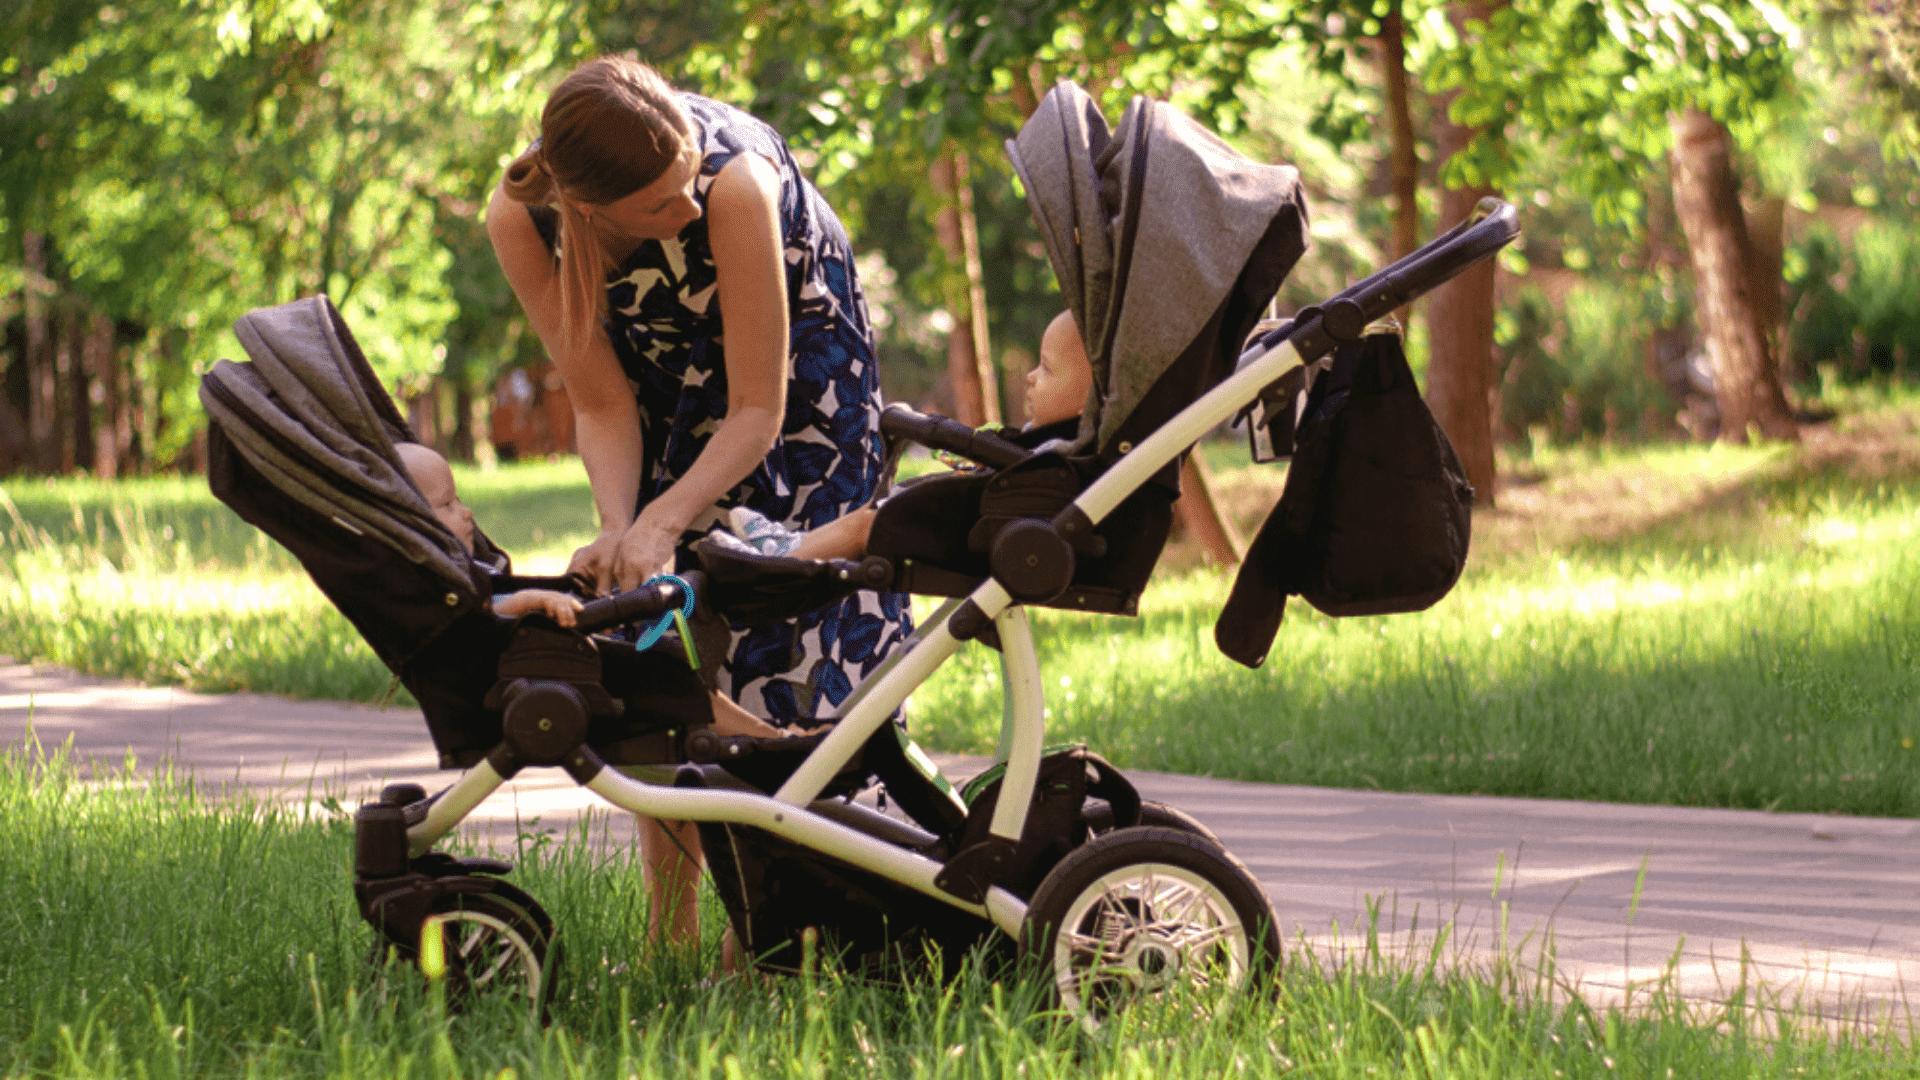 Veja a nossa seleção dos melhores carrinhos de bebê para gêmeos de 2021! (Reprodução/Shutterstock)